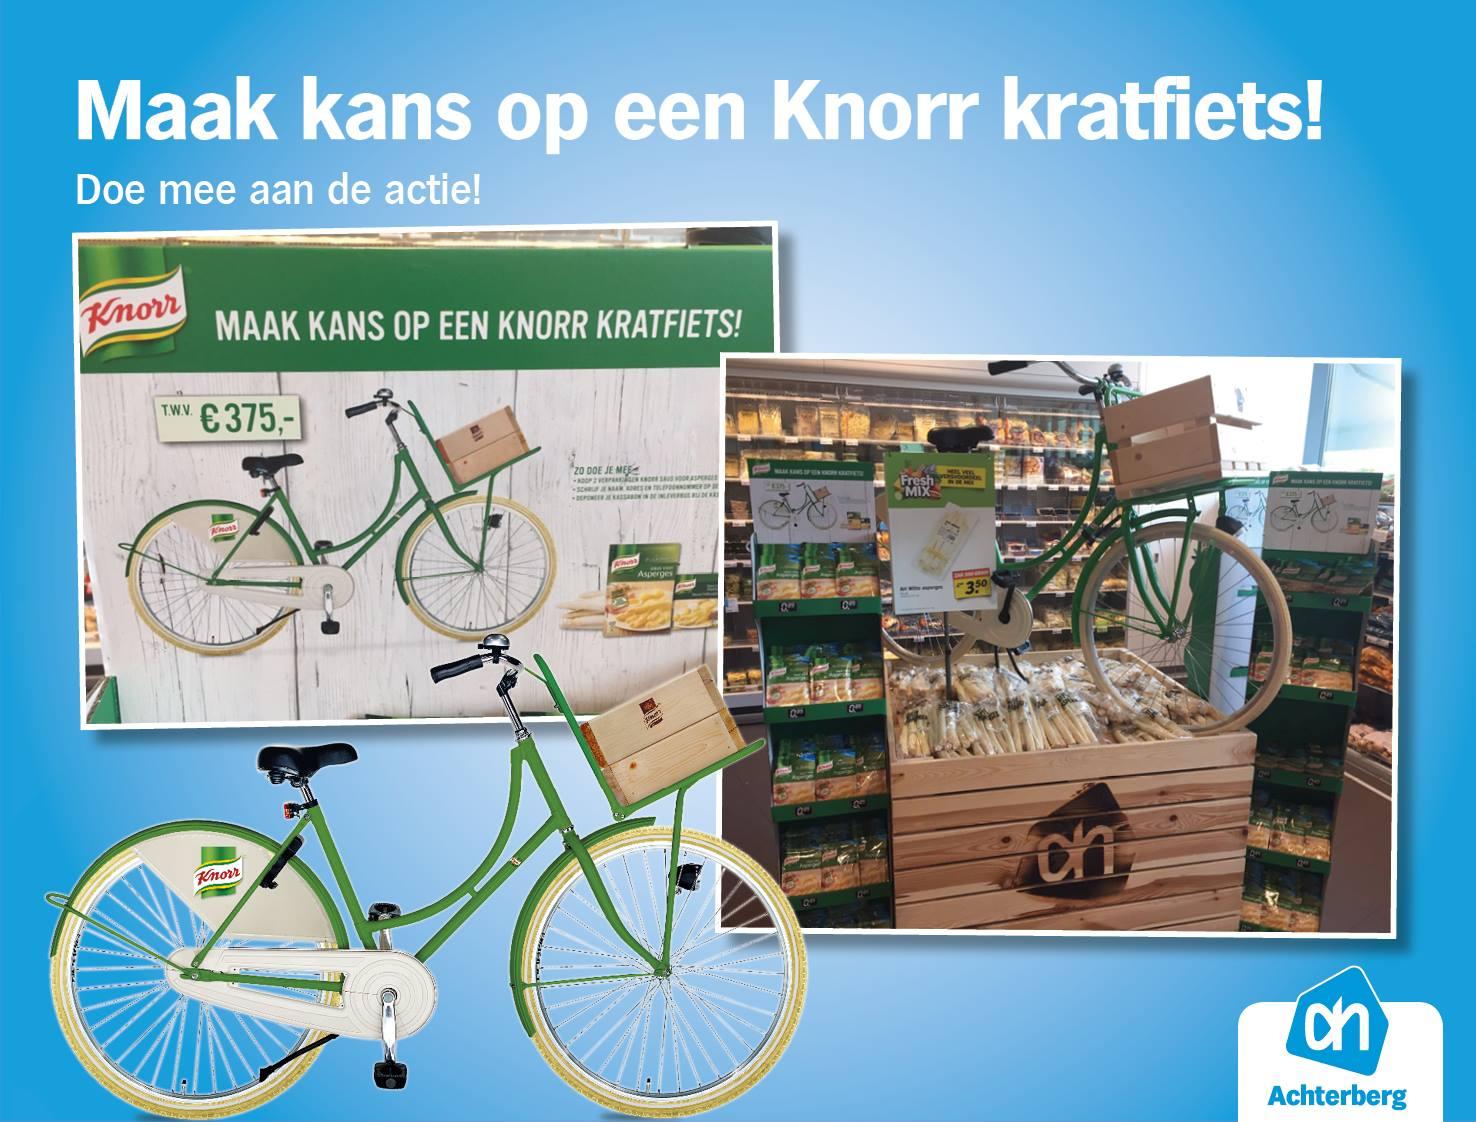 Maak kans op een Knorr kratfiets!